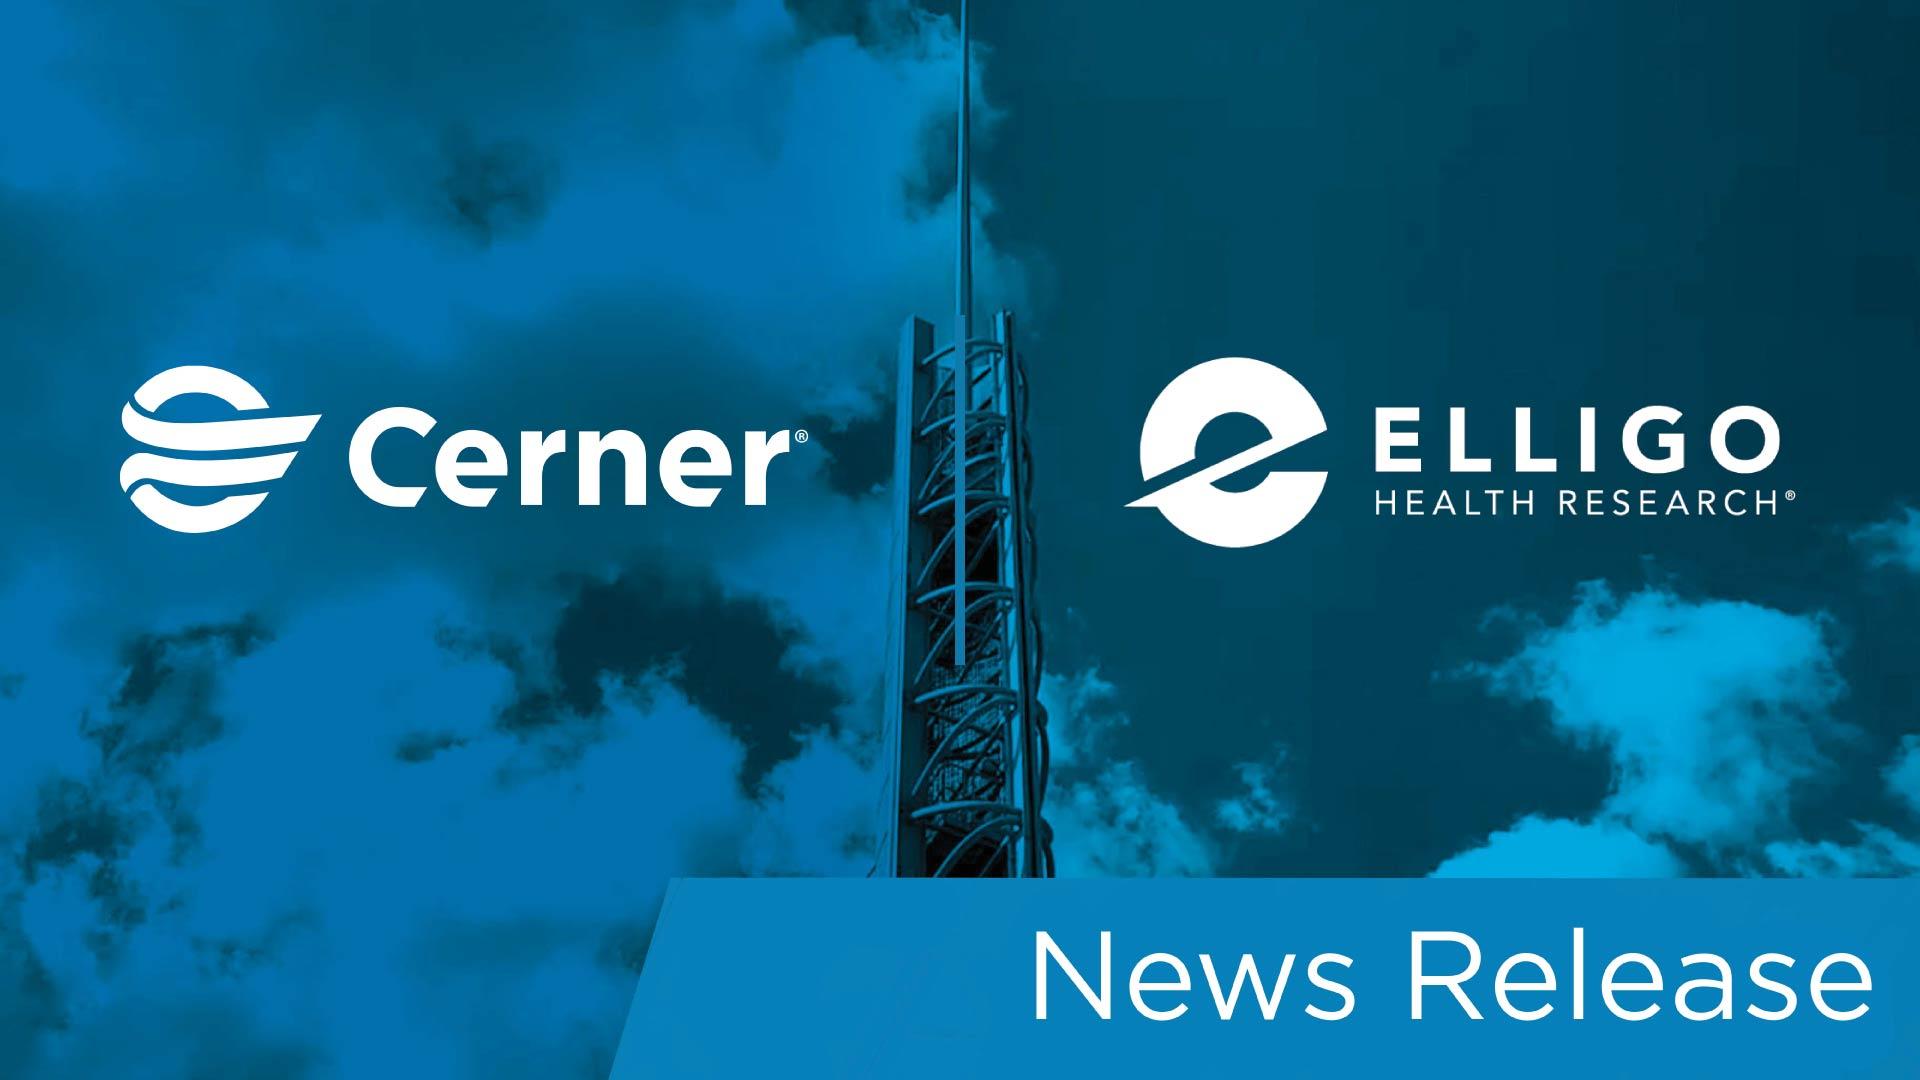 12-8_elligo_newsrelease_hero_cerner and elligo logos over building photo blue overlay